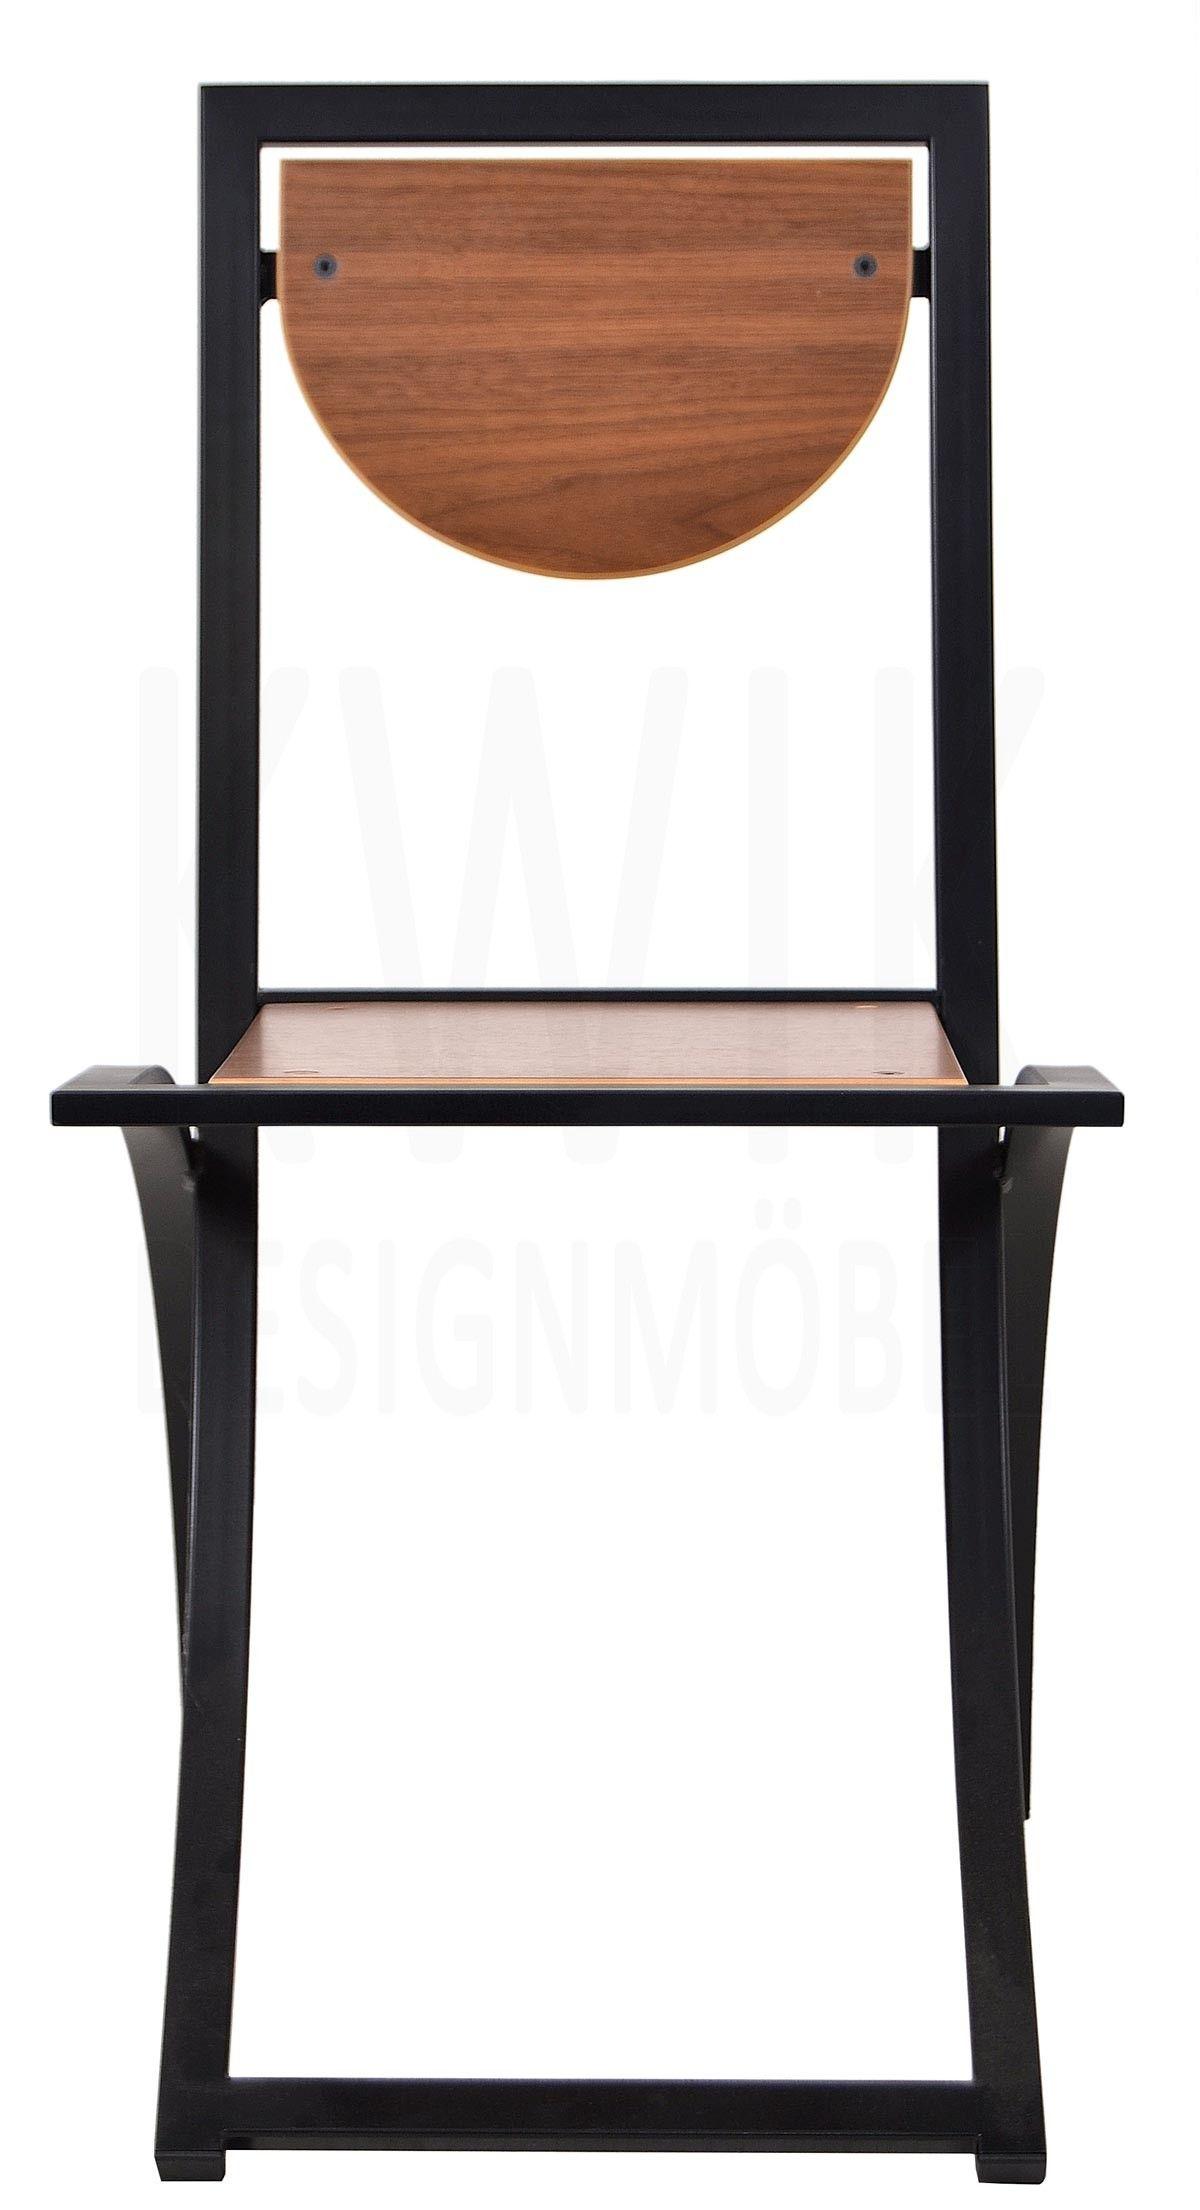 Sinus • Stuhl Designmöbel Holz KFF® KFF • Shop KwiK nwv80NmO